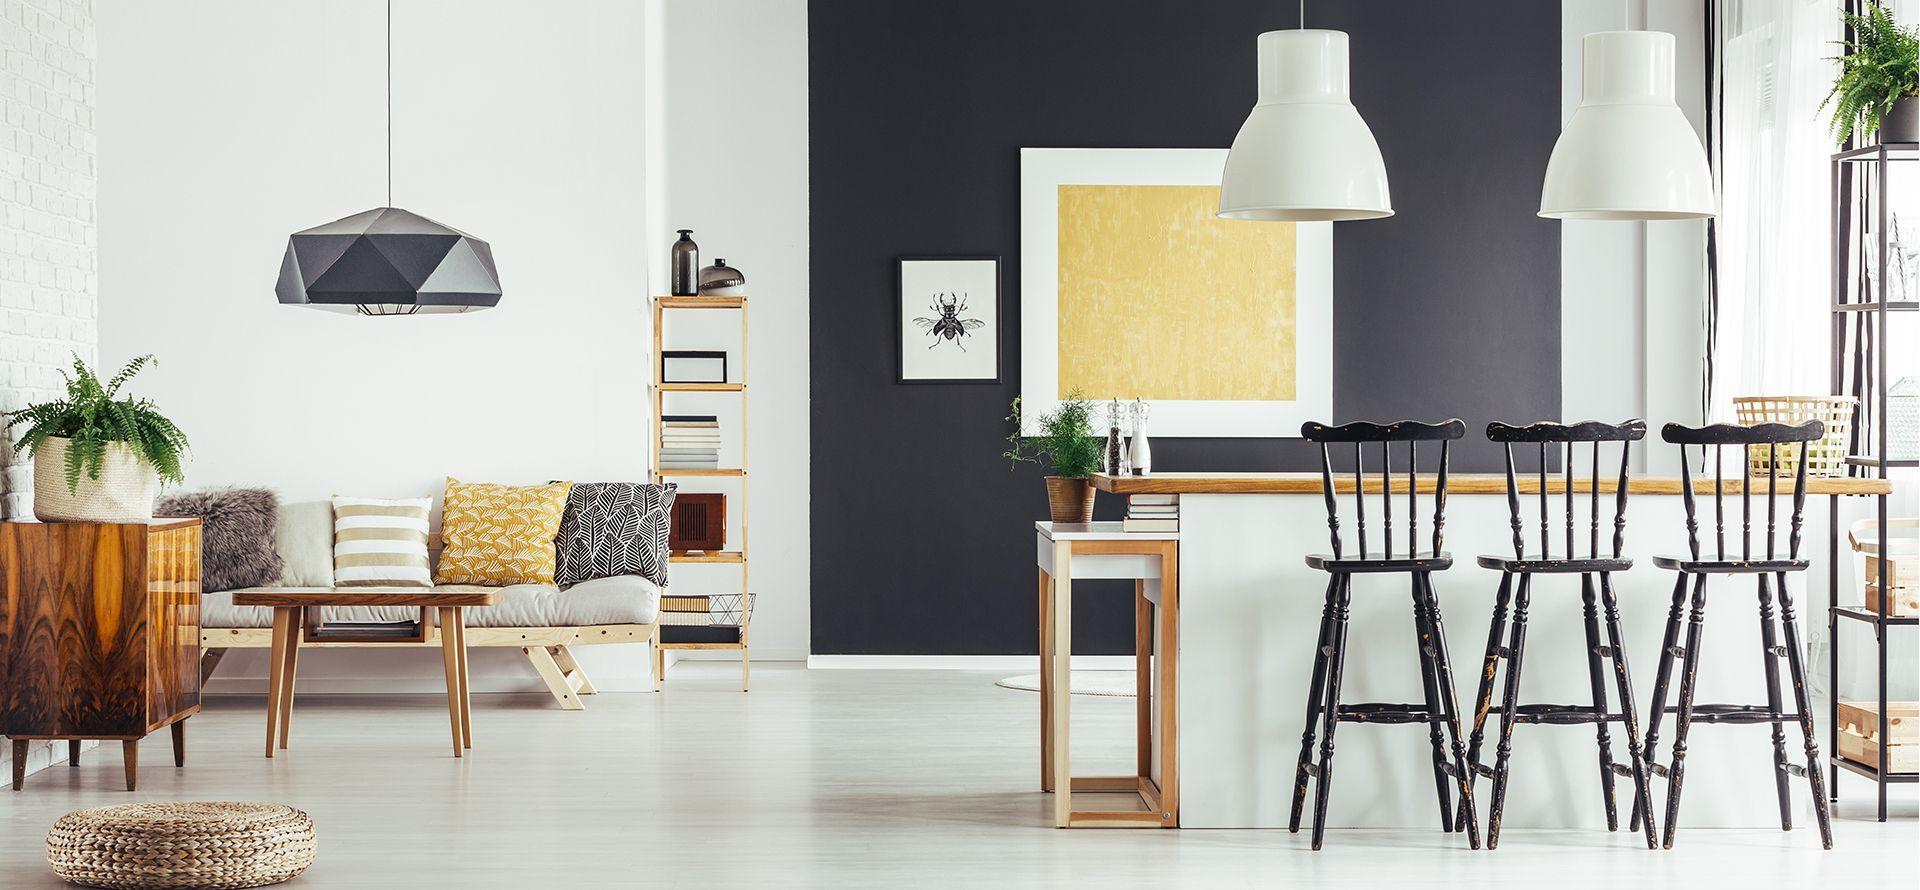 Sie Suchen Ideen Für Die Wandgestaltung Ihres Wohnzimmers Hier Finden Sie Eine Vielzah Wohnzimmer Ideen Gemütlich Wandgestaltung Wohnzimmer Vintage Wohnzimmer